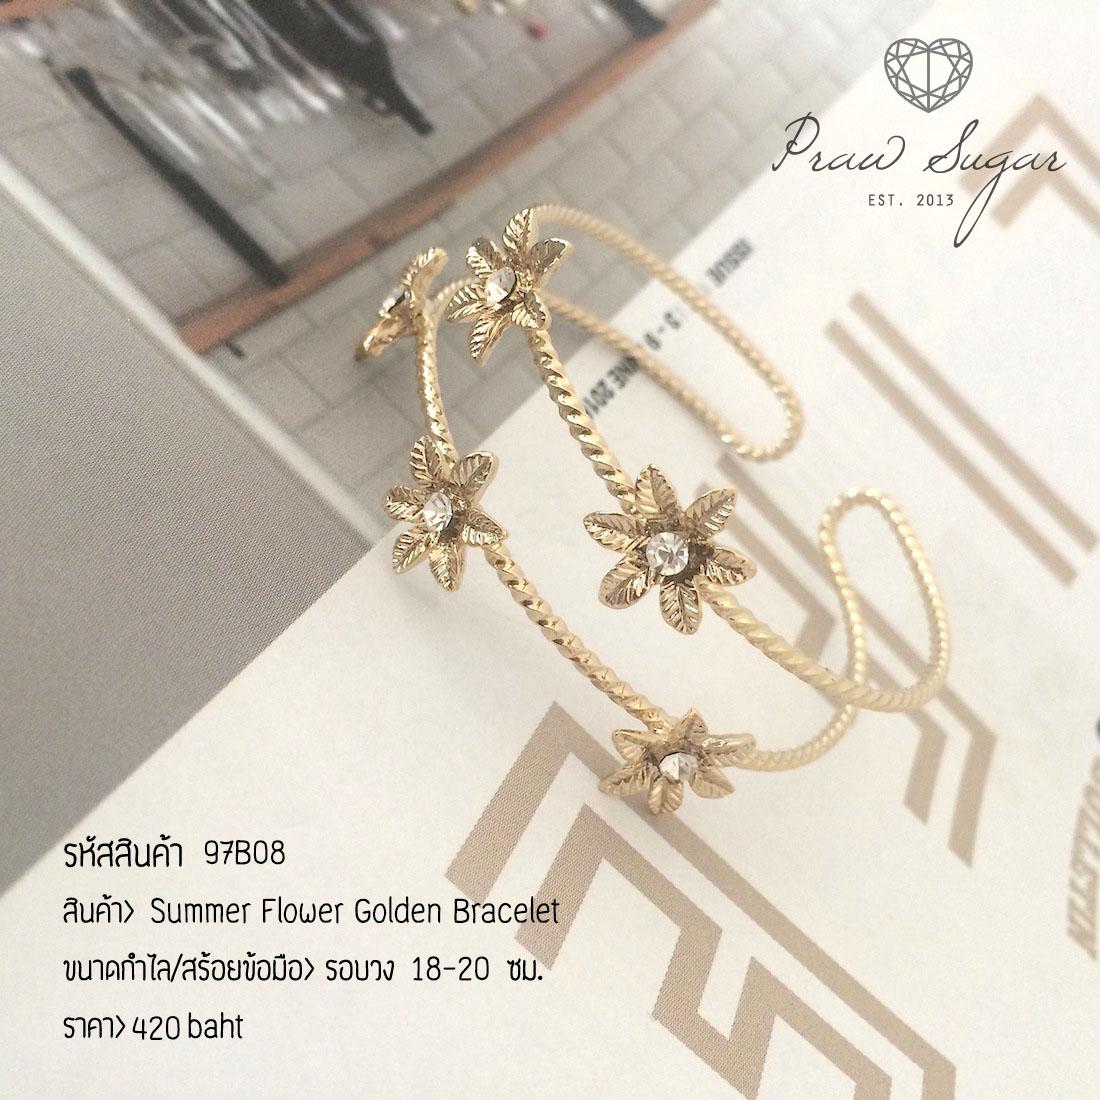 Summer Flower Golden Bracelet